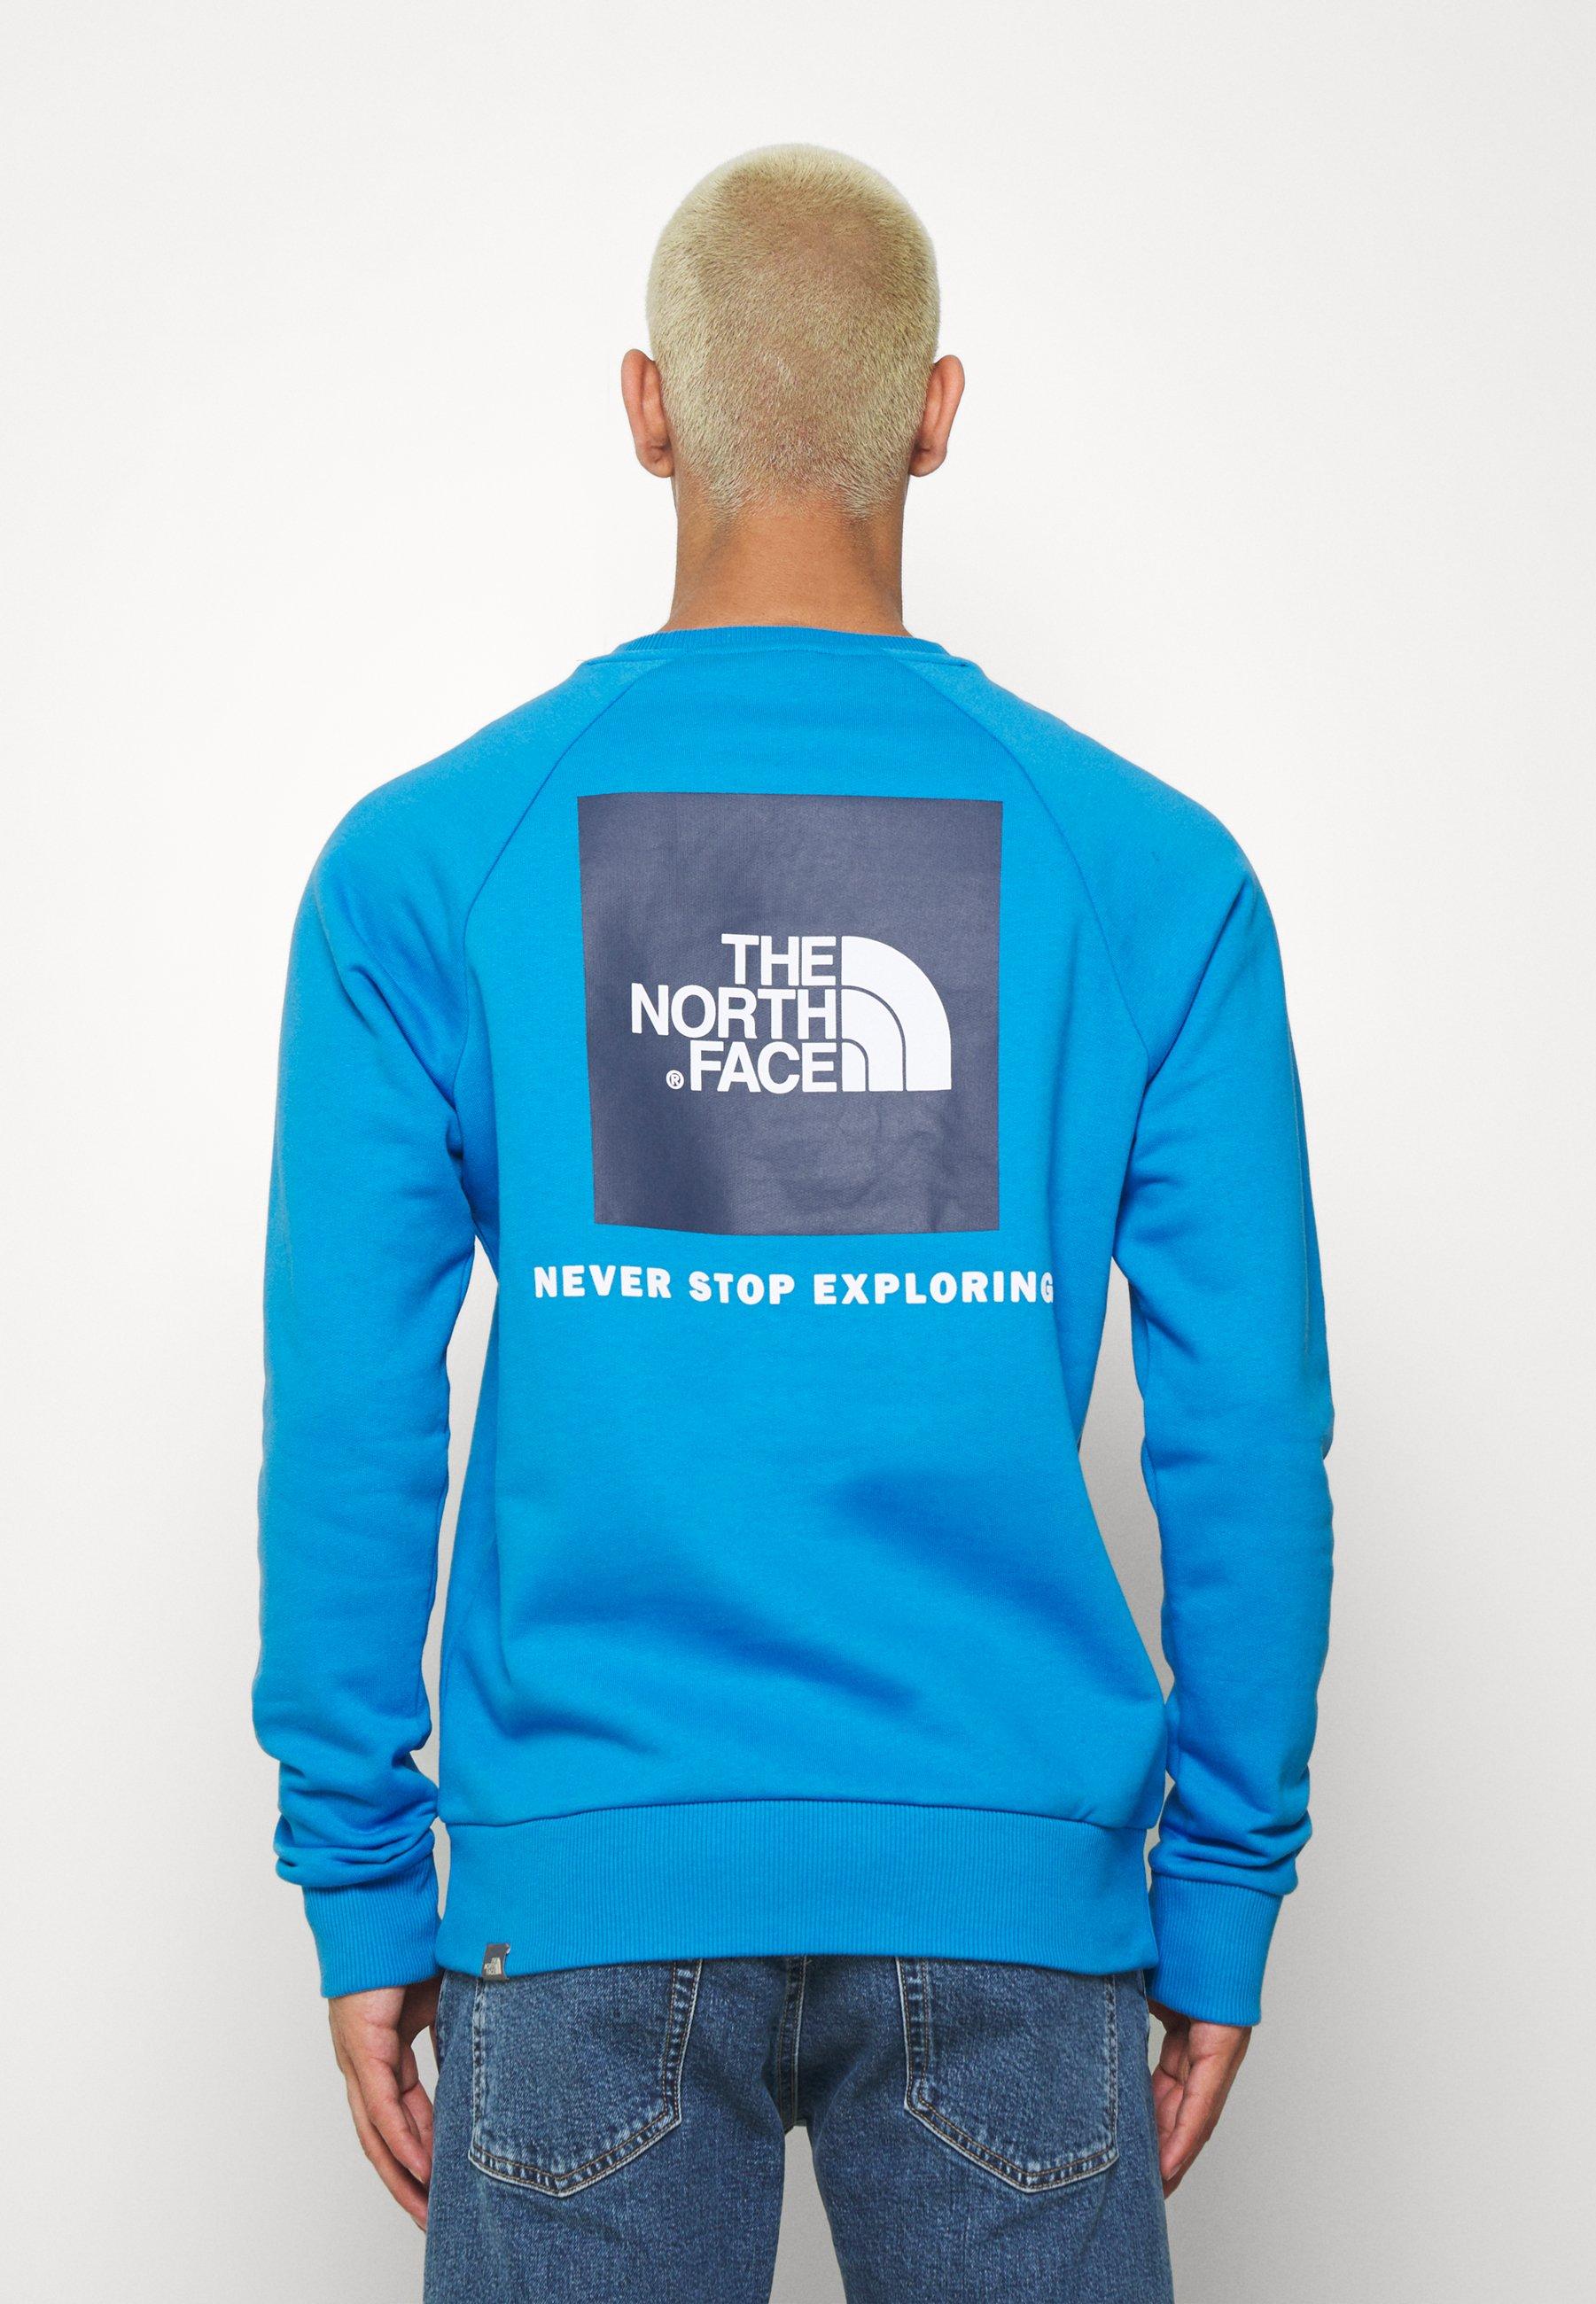 Korkealaatuinen Miesten vaatteet Sarja dfKJIUp97454sfGHYHD The North Face RAGLAN BOX CREW Collegepaita clear lake blue